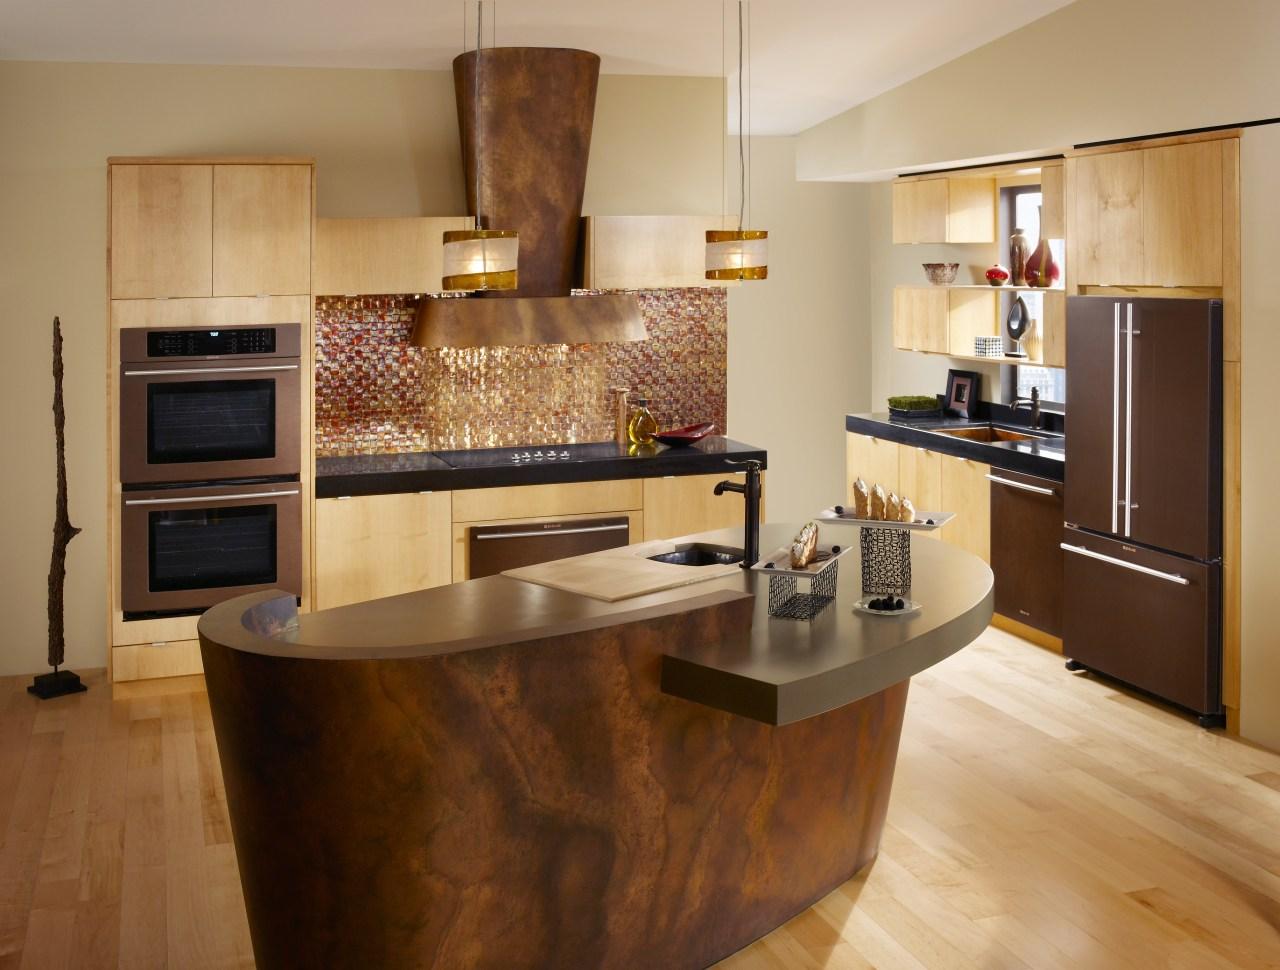 Bronze contemporary kitchen cabinetry, countertop, cuisine classique, floor, flooring, hardwood, interior design, kitchen, room, wood flooring, orange, brown